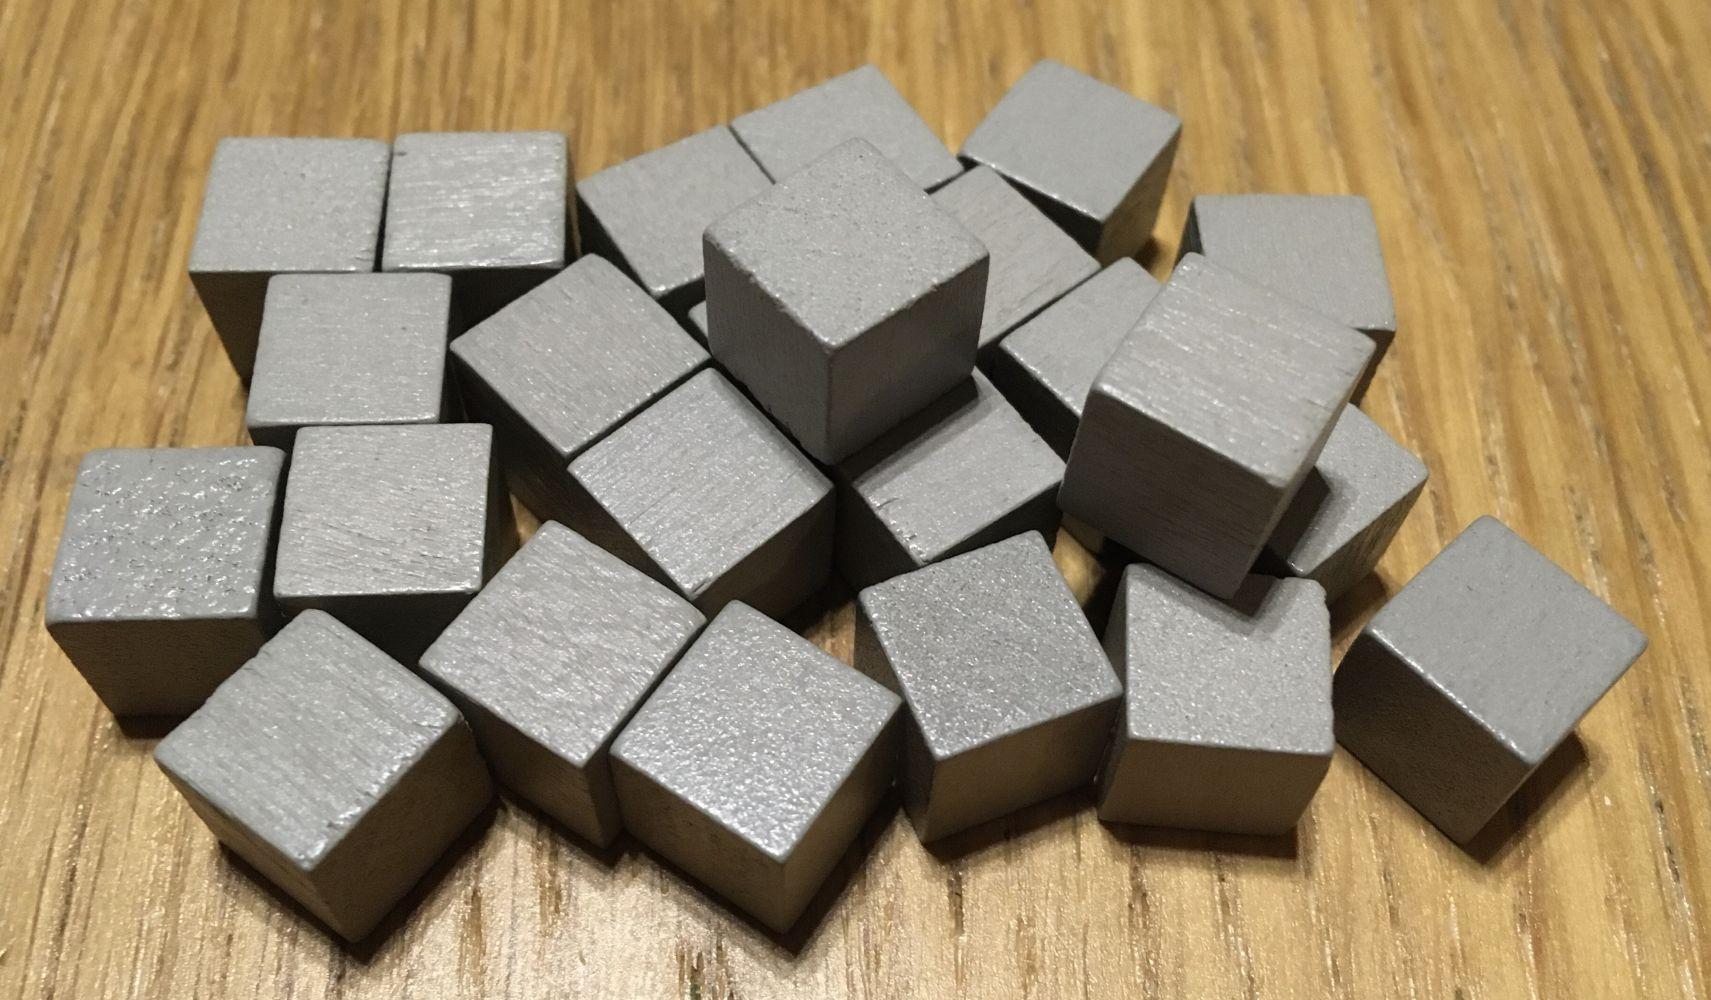 Les cubes de pierre